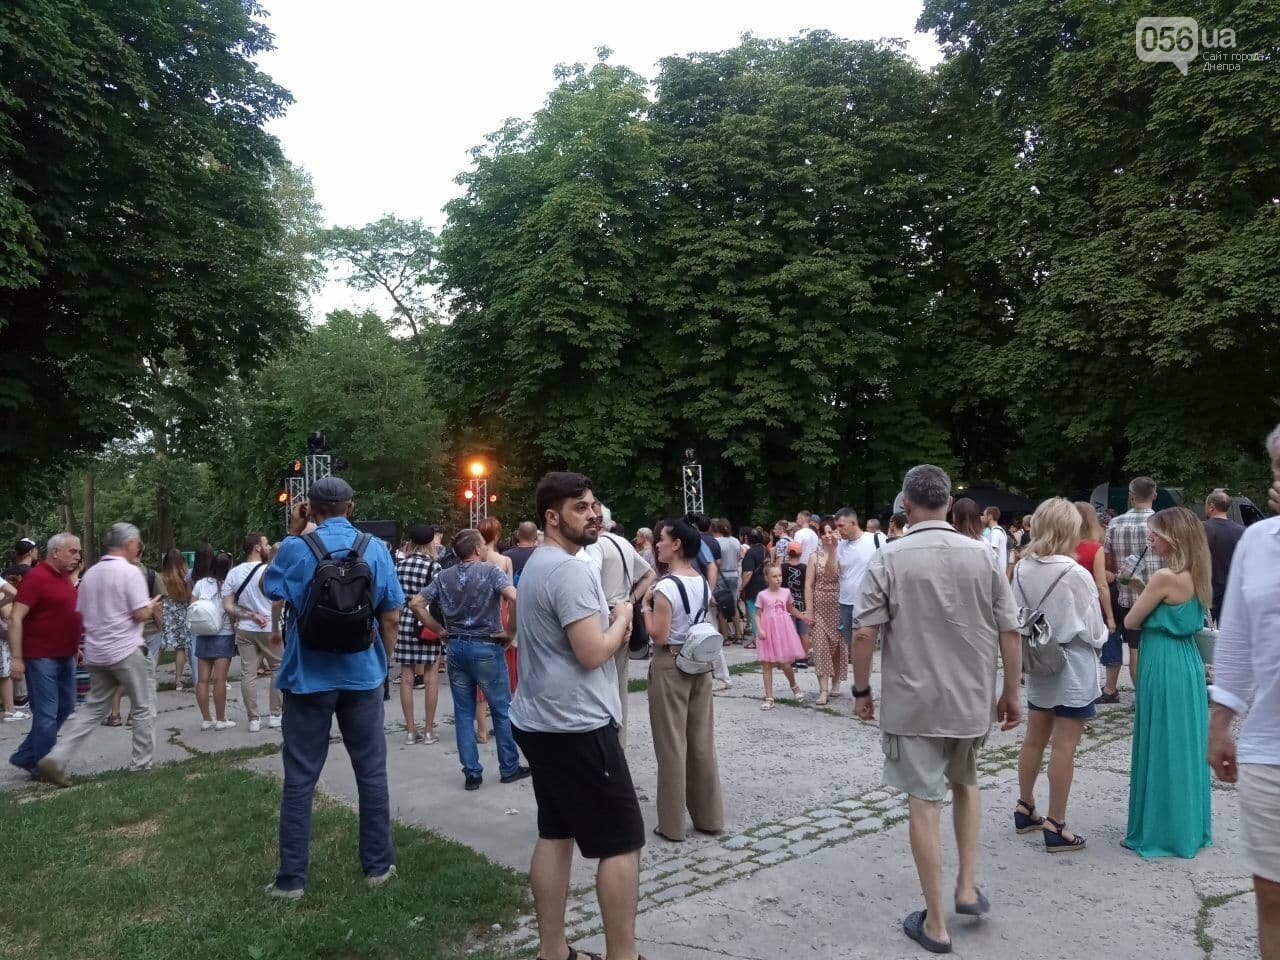 В Днепре по всей территории парка Шевченко звучит музыка нон-стоп, - ФОТО, ВИДЕО, фото-31